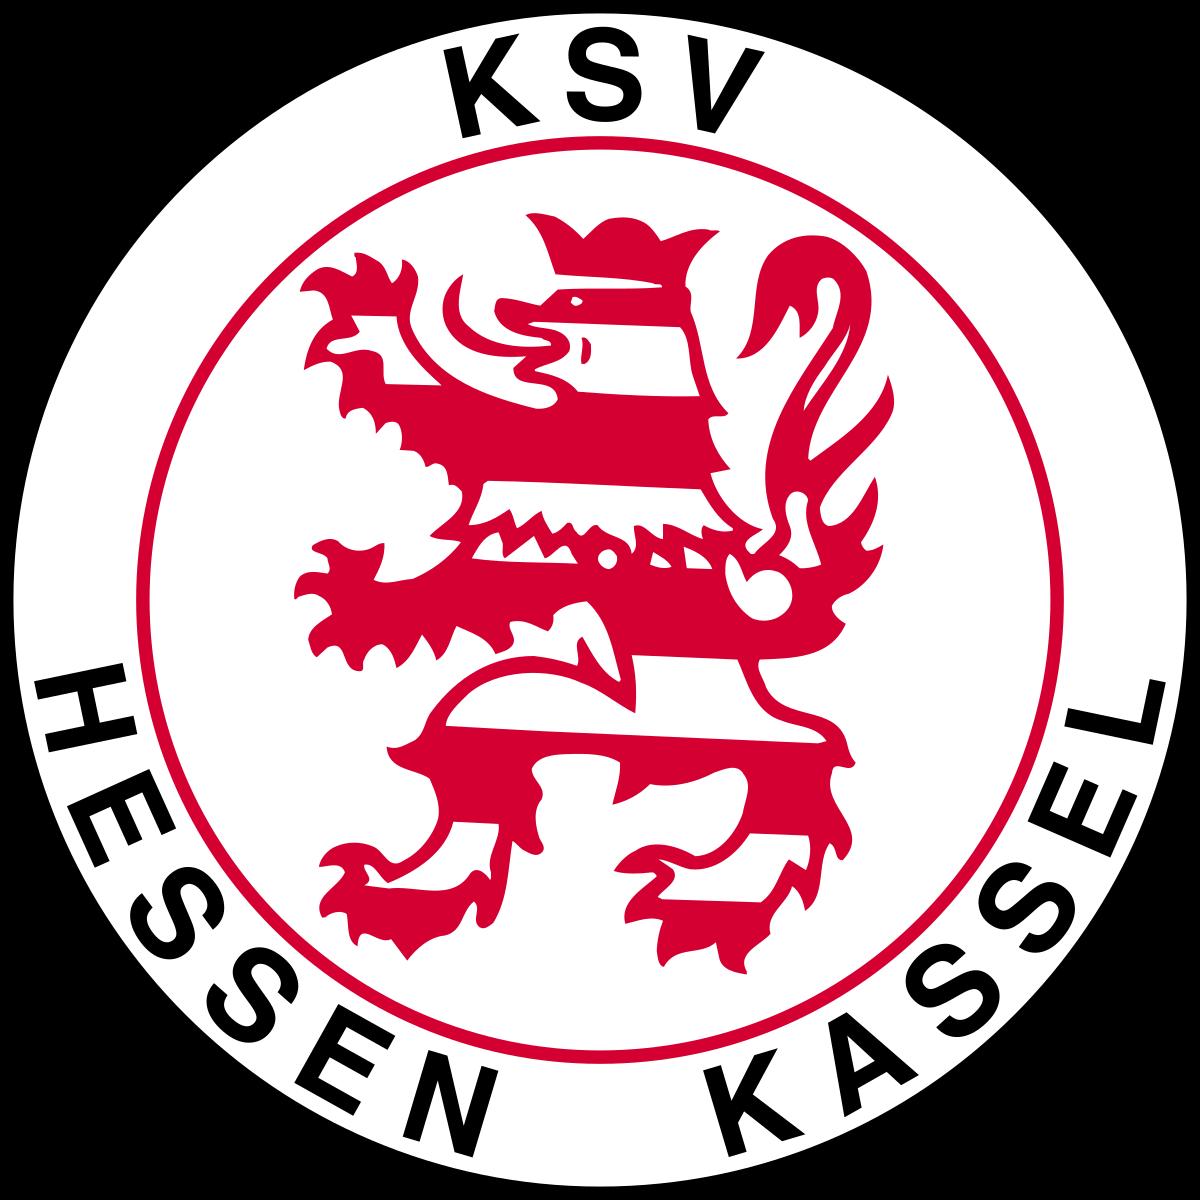 KSV Hessen Kassel of Germany crest. Soccer logo